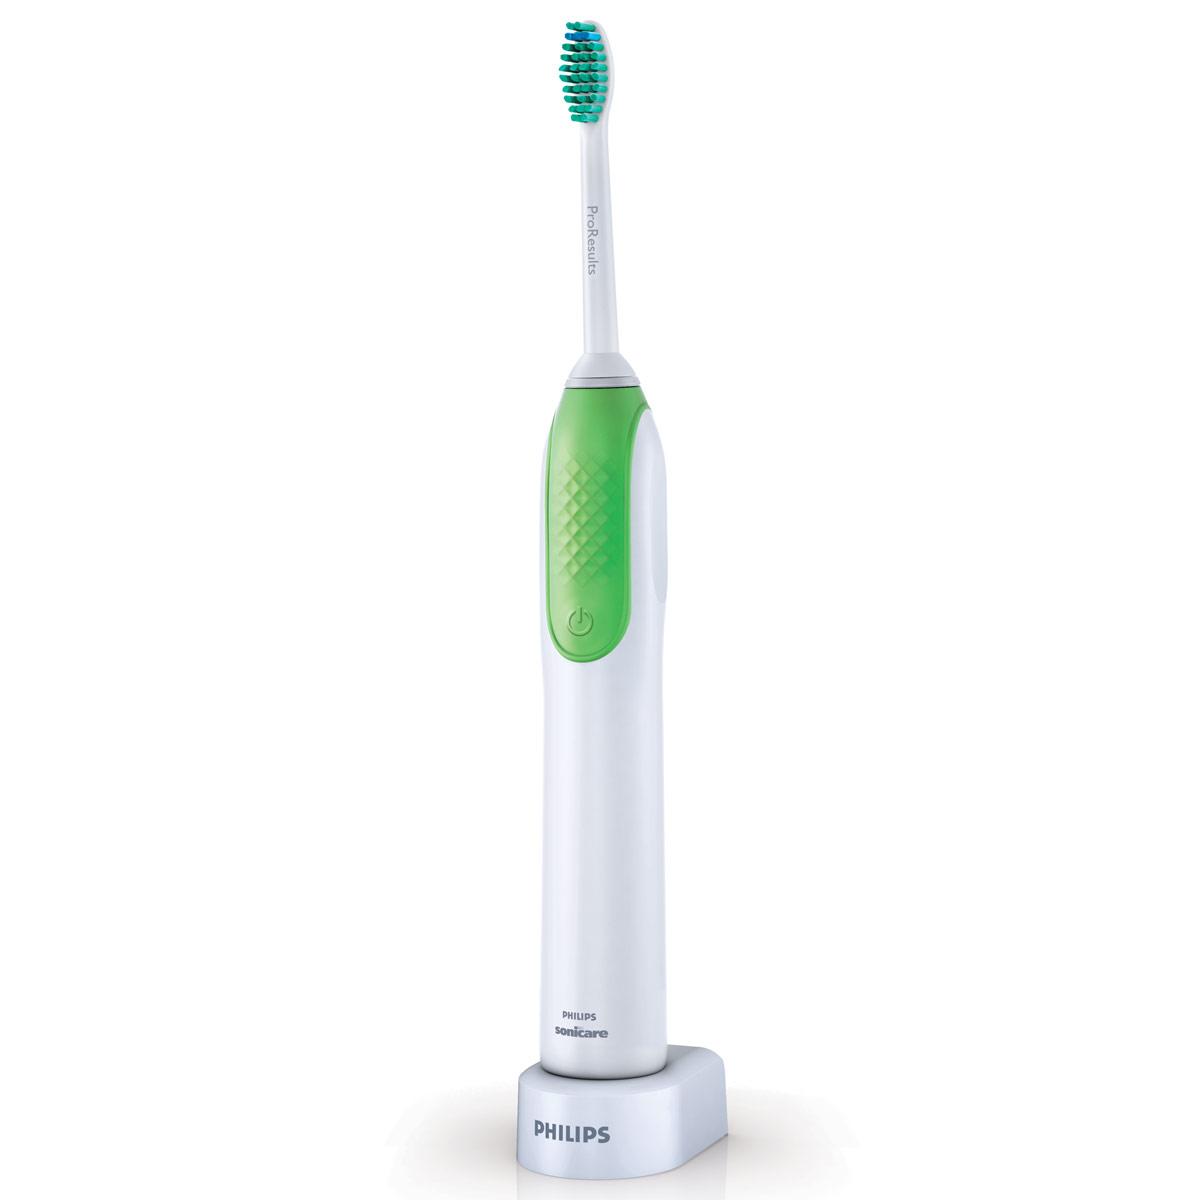 Электрическая зубная щетка Philips HX3110/00HX3110/00Электрическая зубная щетка Philips HX3110/00 удобна в использовании, как обычная зубная щетка, но более эффективно удаляет налет и снижает риск возникновения кариеса. Технология Sonic: Совершает больше чистящих движений за 1 день, чем Ваша обычная зубная щетка за месяц. Около 15 000 чистящих движений в минуту. Простая в использовании: Тонкая эргономичная ручка обеспечивает удобство использования — как и при использовании обычной зубной щетки. Деликатная и безопасная: Электрическую зубную щетку Philips HX3110/00 можно безопасно использовать для чистки: ортодонтических скоб (при чистке скоб чистящая насадка изнашивается быстрее замещений дефектов зубов пломб, коронок, коронок с покровными фасетками) и зубодесневых карманов. Расположенная под углом шейка насадки: Уникальная расположенная под углом шейка насадки упрощает очистку задних зубов, удаляя налет в труднодоступных участках. Smartimer: Таймер...